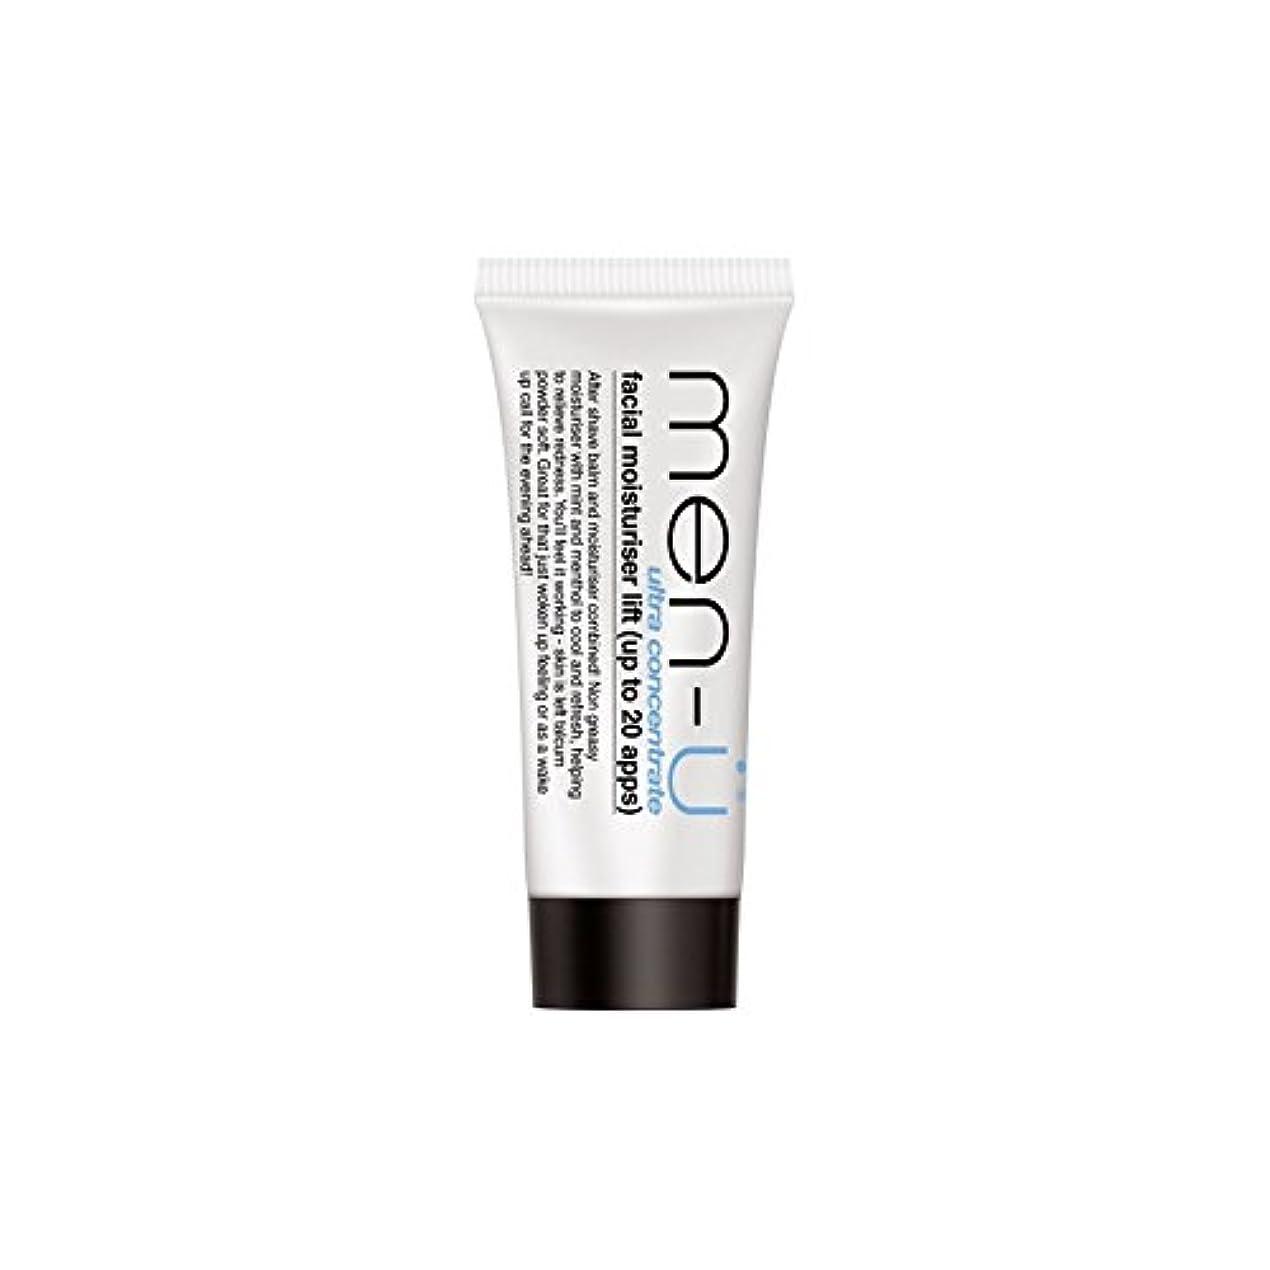 インタフェースエジプト残高男性-のバディ顔の保湿剤のリフトチューブ(15ミリリットル) x4 - Men-? Buddy Facial Moisturiser Lift Tube (15ml) (Pack of 4) [並行輸入品]